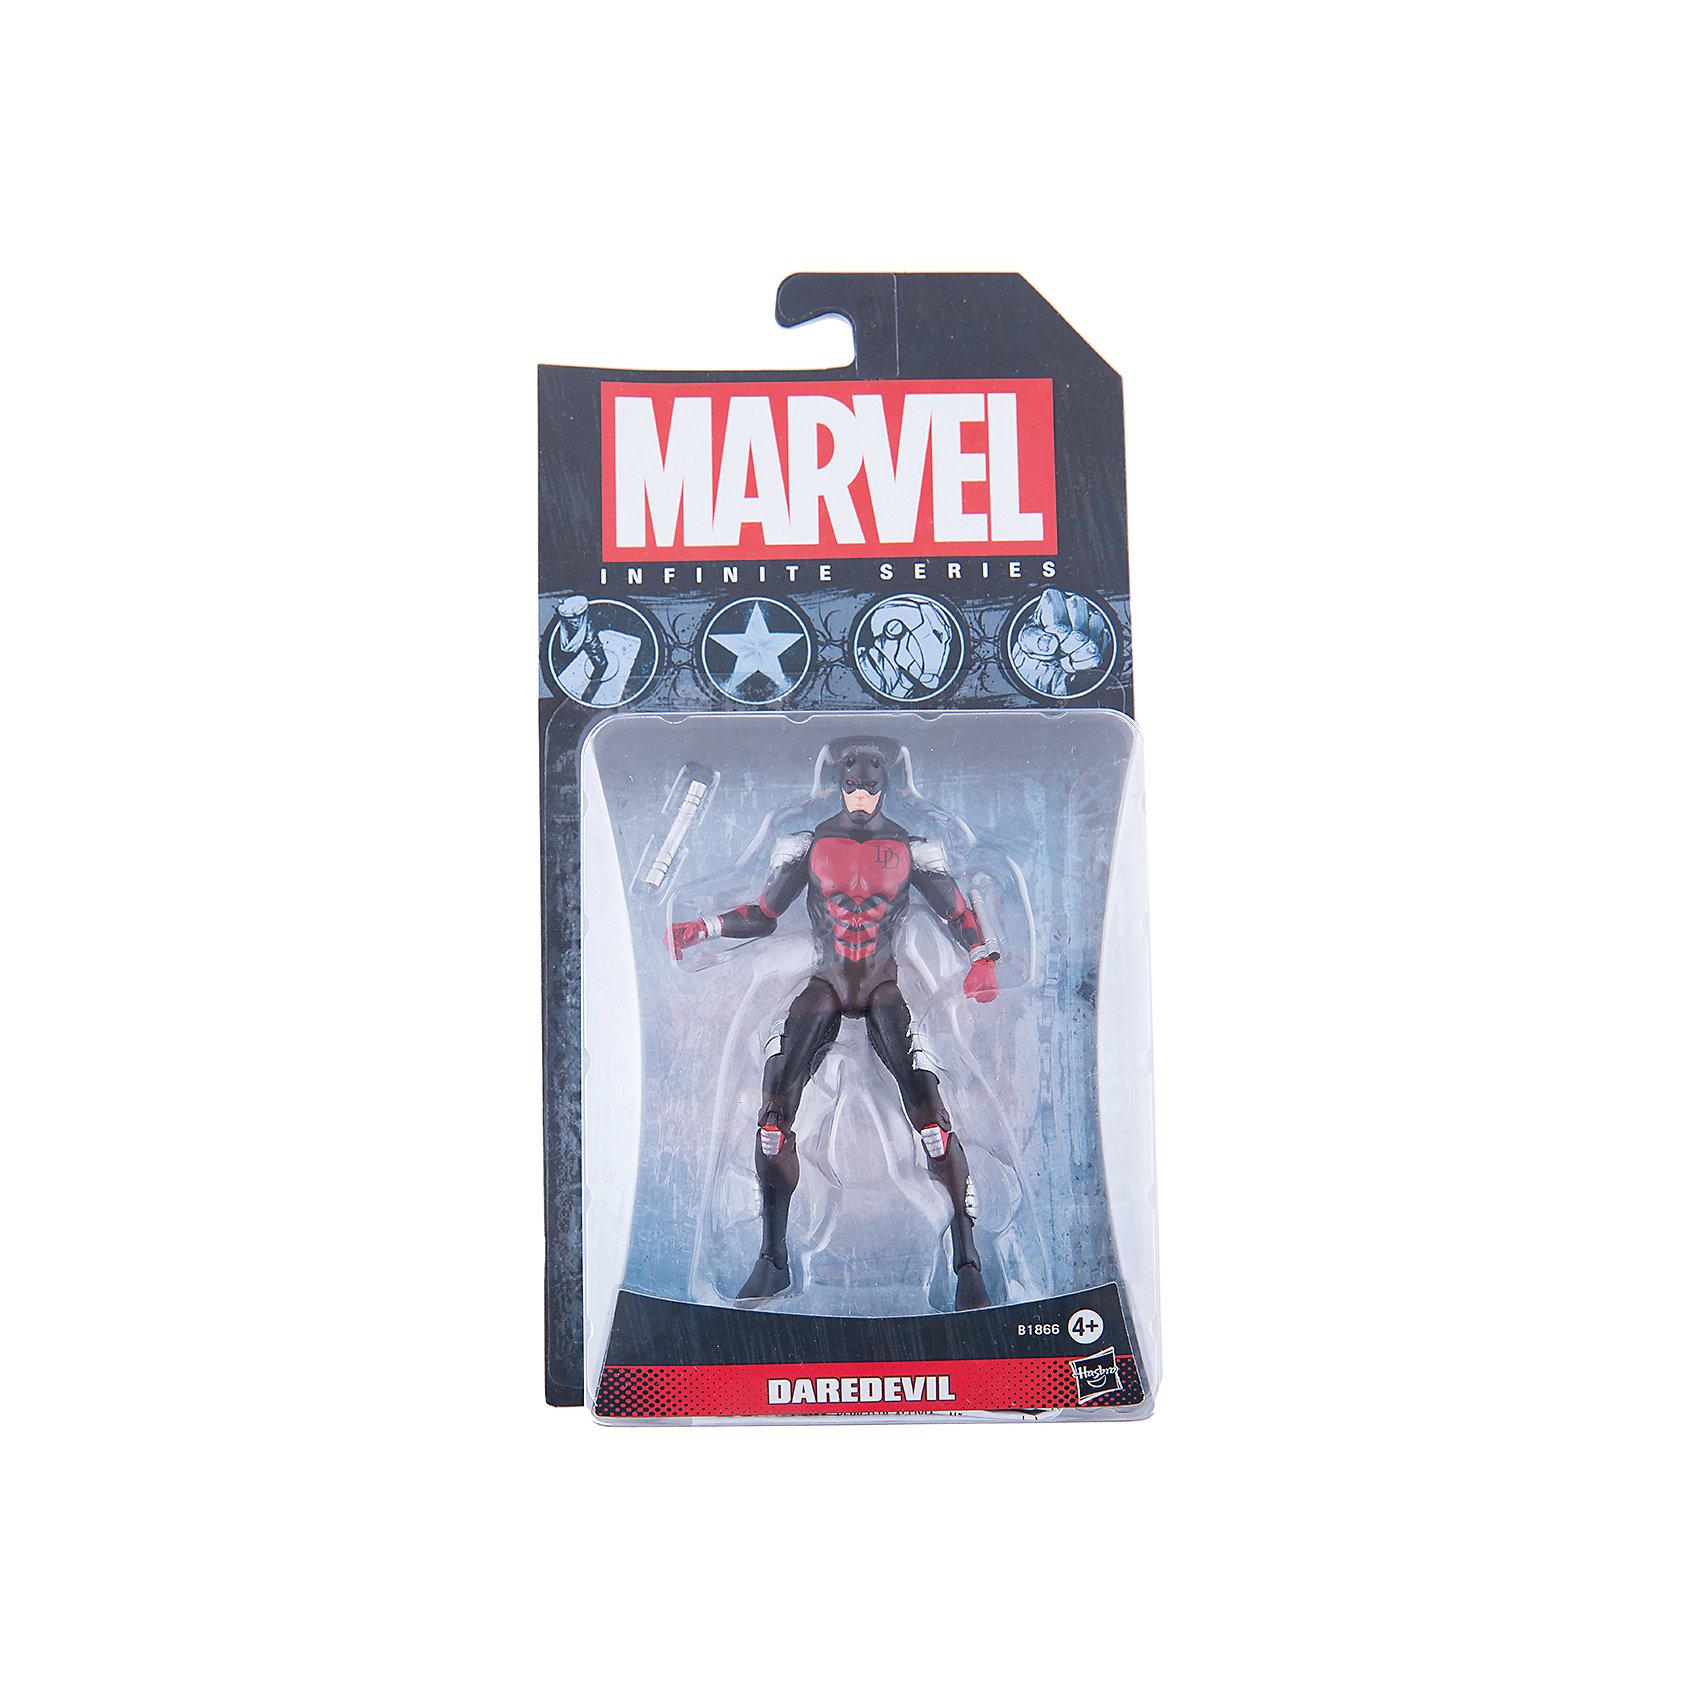 Коллекционная фигурка Марвел 9,5 см, Marvel Heroes, B1866/A6749Игрушки<br>Фигурка супергероя - Сорвиголовы обязательно понравится всем поклонникам Marvel. Фигурка прекрасно детализирована, обладает подвижными конечностями и щупальцами, что позволяет ей принимать разнообразные позы, открывая еще большие возможности для различных игровых сюжетов. Игрушка изготовлена из высококачественного пластика, с применением безопасных, экологичных красителей. <br><br>Дополнительная информация:<br><br>- Материал: пластик.<br>- Размер фигурки: 9,5 см.<br>- Подвижные конечности.<br><br>Коллекционную фигурку Марвел 9,5 см, Marvel Heroes, можно купить в нашем магазине.<br><br>Ширина мм: 51<br>Глубина мм: 121<br>Высота мм: 229<br>Вес г: 150<br>Возраст от месяцев: 48<br>Возраст до месяцев: 192<br>Пол: Мужской<br>Возраст: Детский<br>SKU: 4563960